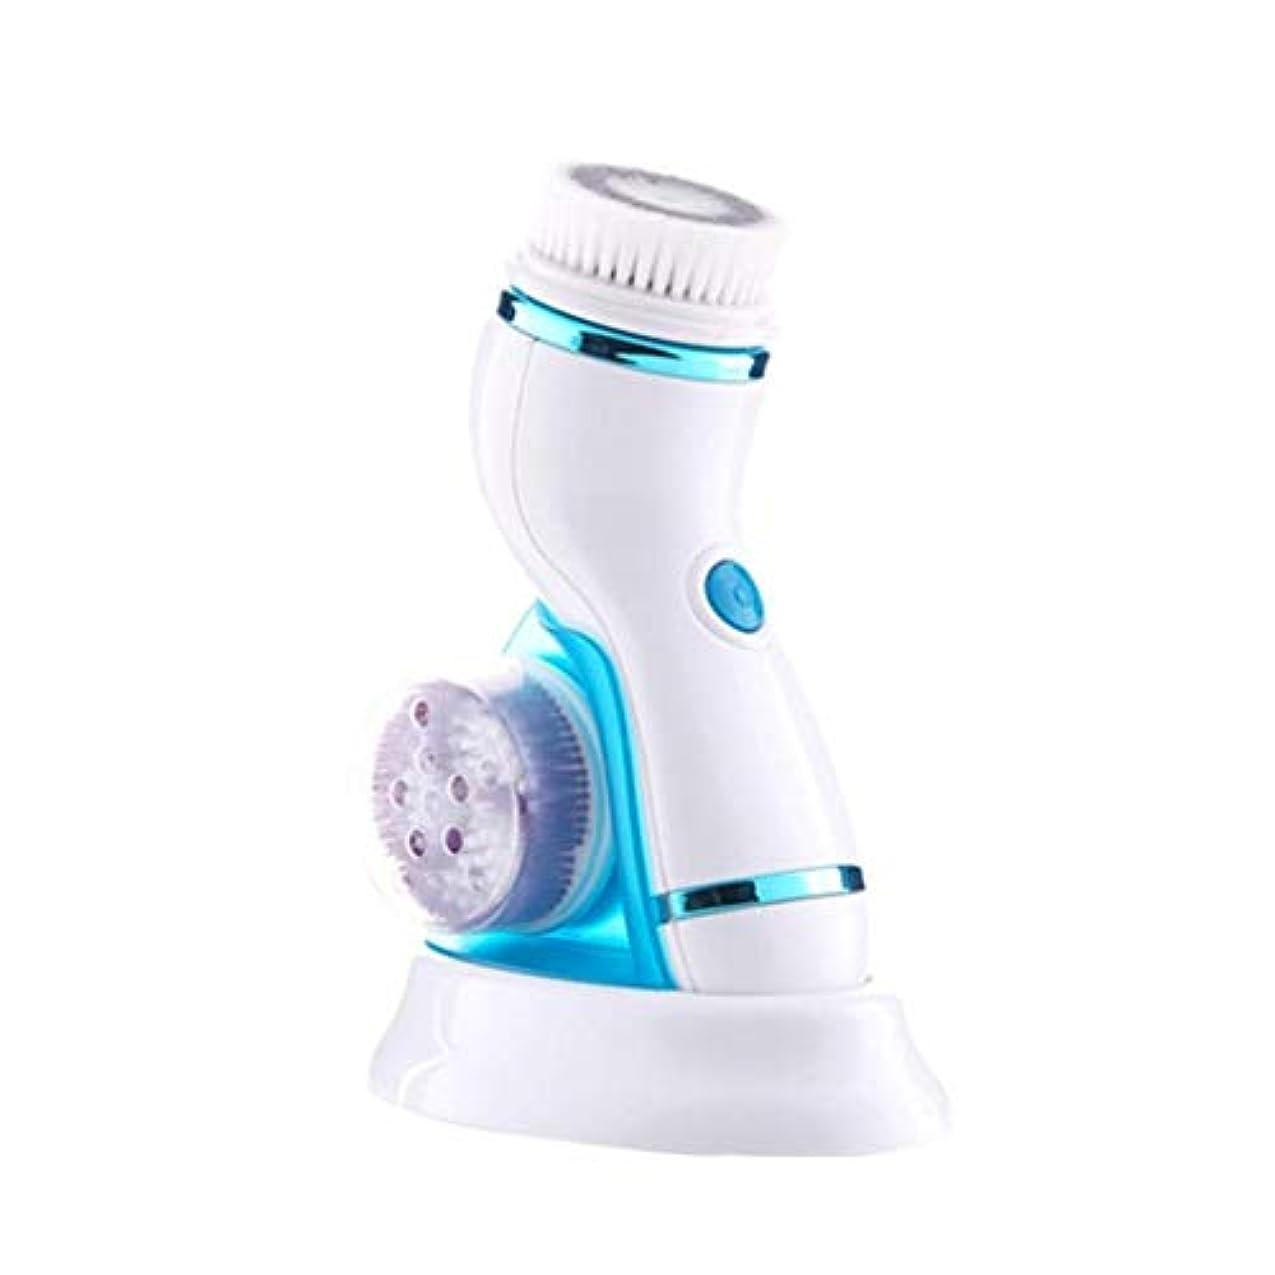 資格情報の配列動力学1つの清潔になる器械、深く清潔になる顔のマッサージャー、再充電可能なUSBケーブル、防水多機能の美の器械に付き4つをきれいにして下さい